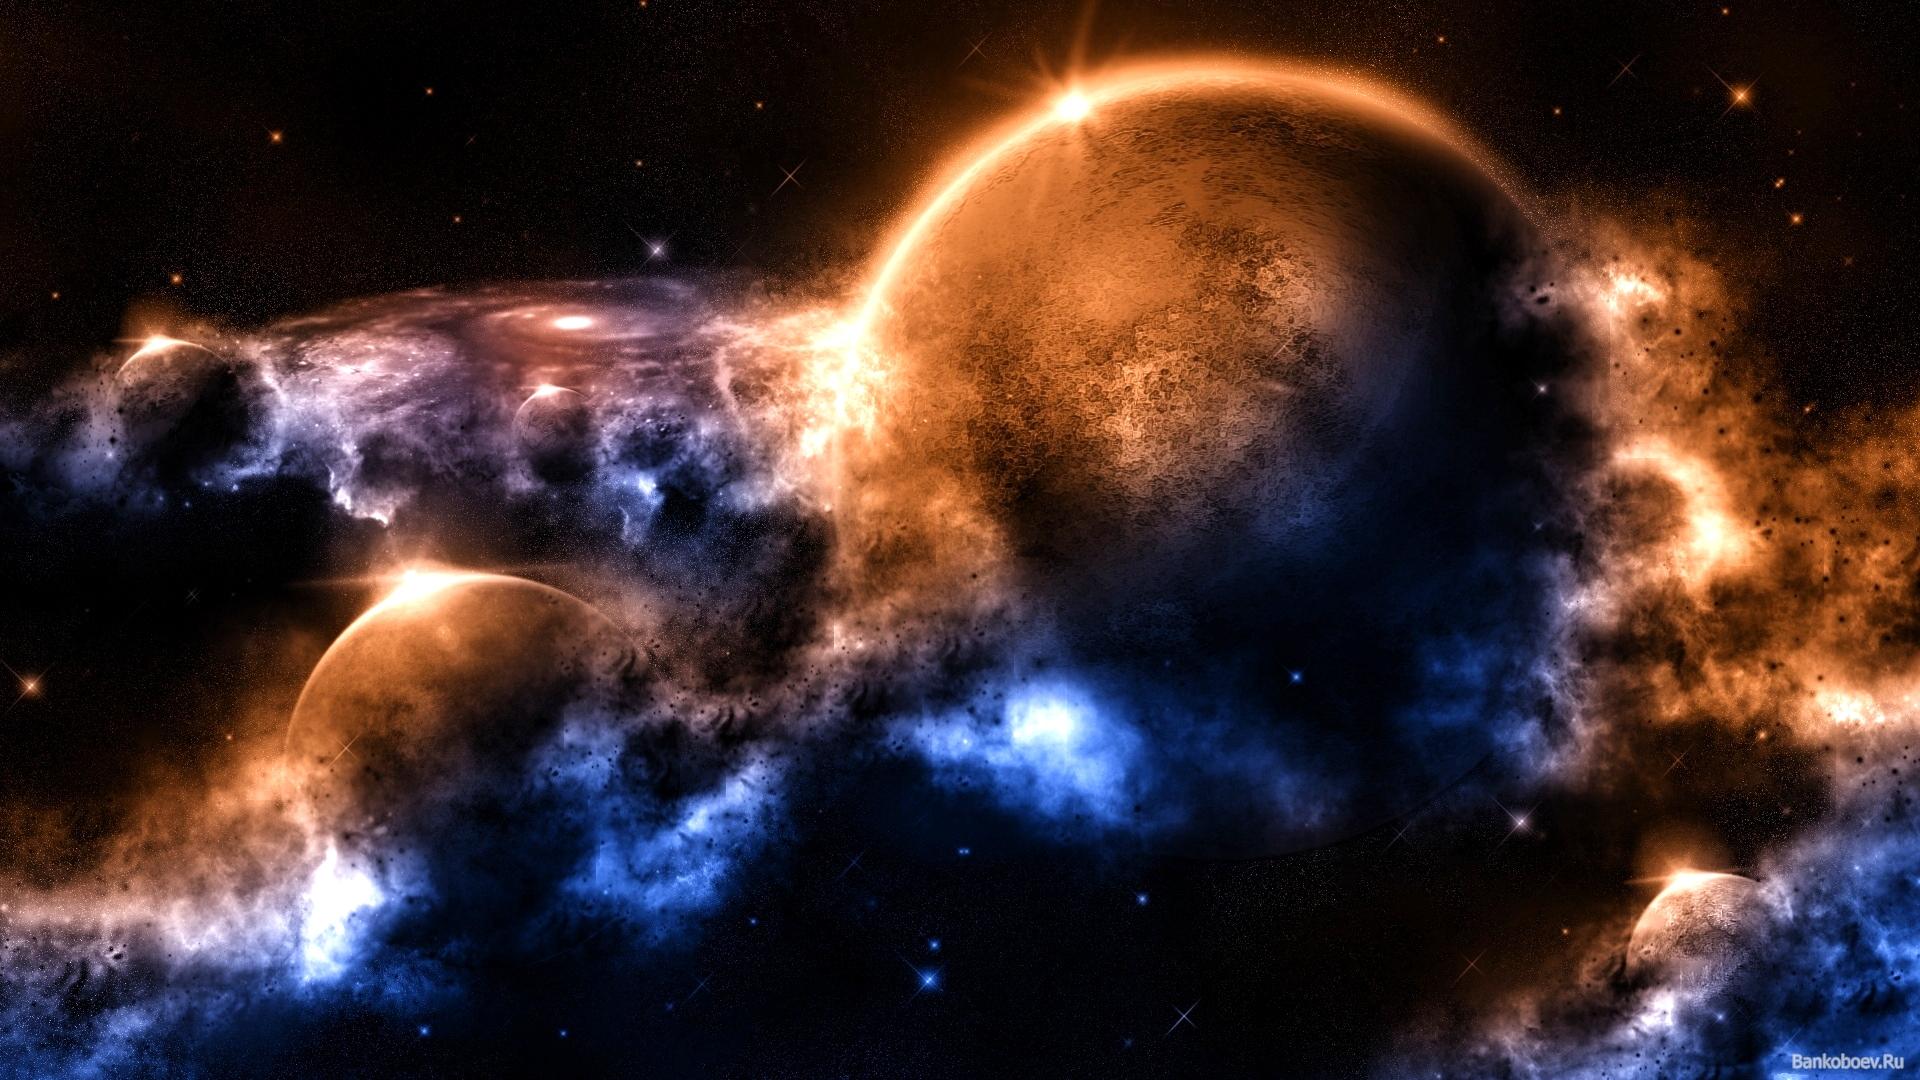 картинки космоса в лучшем качестве жаркую